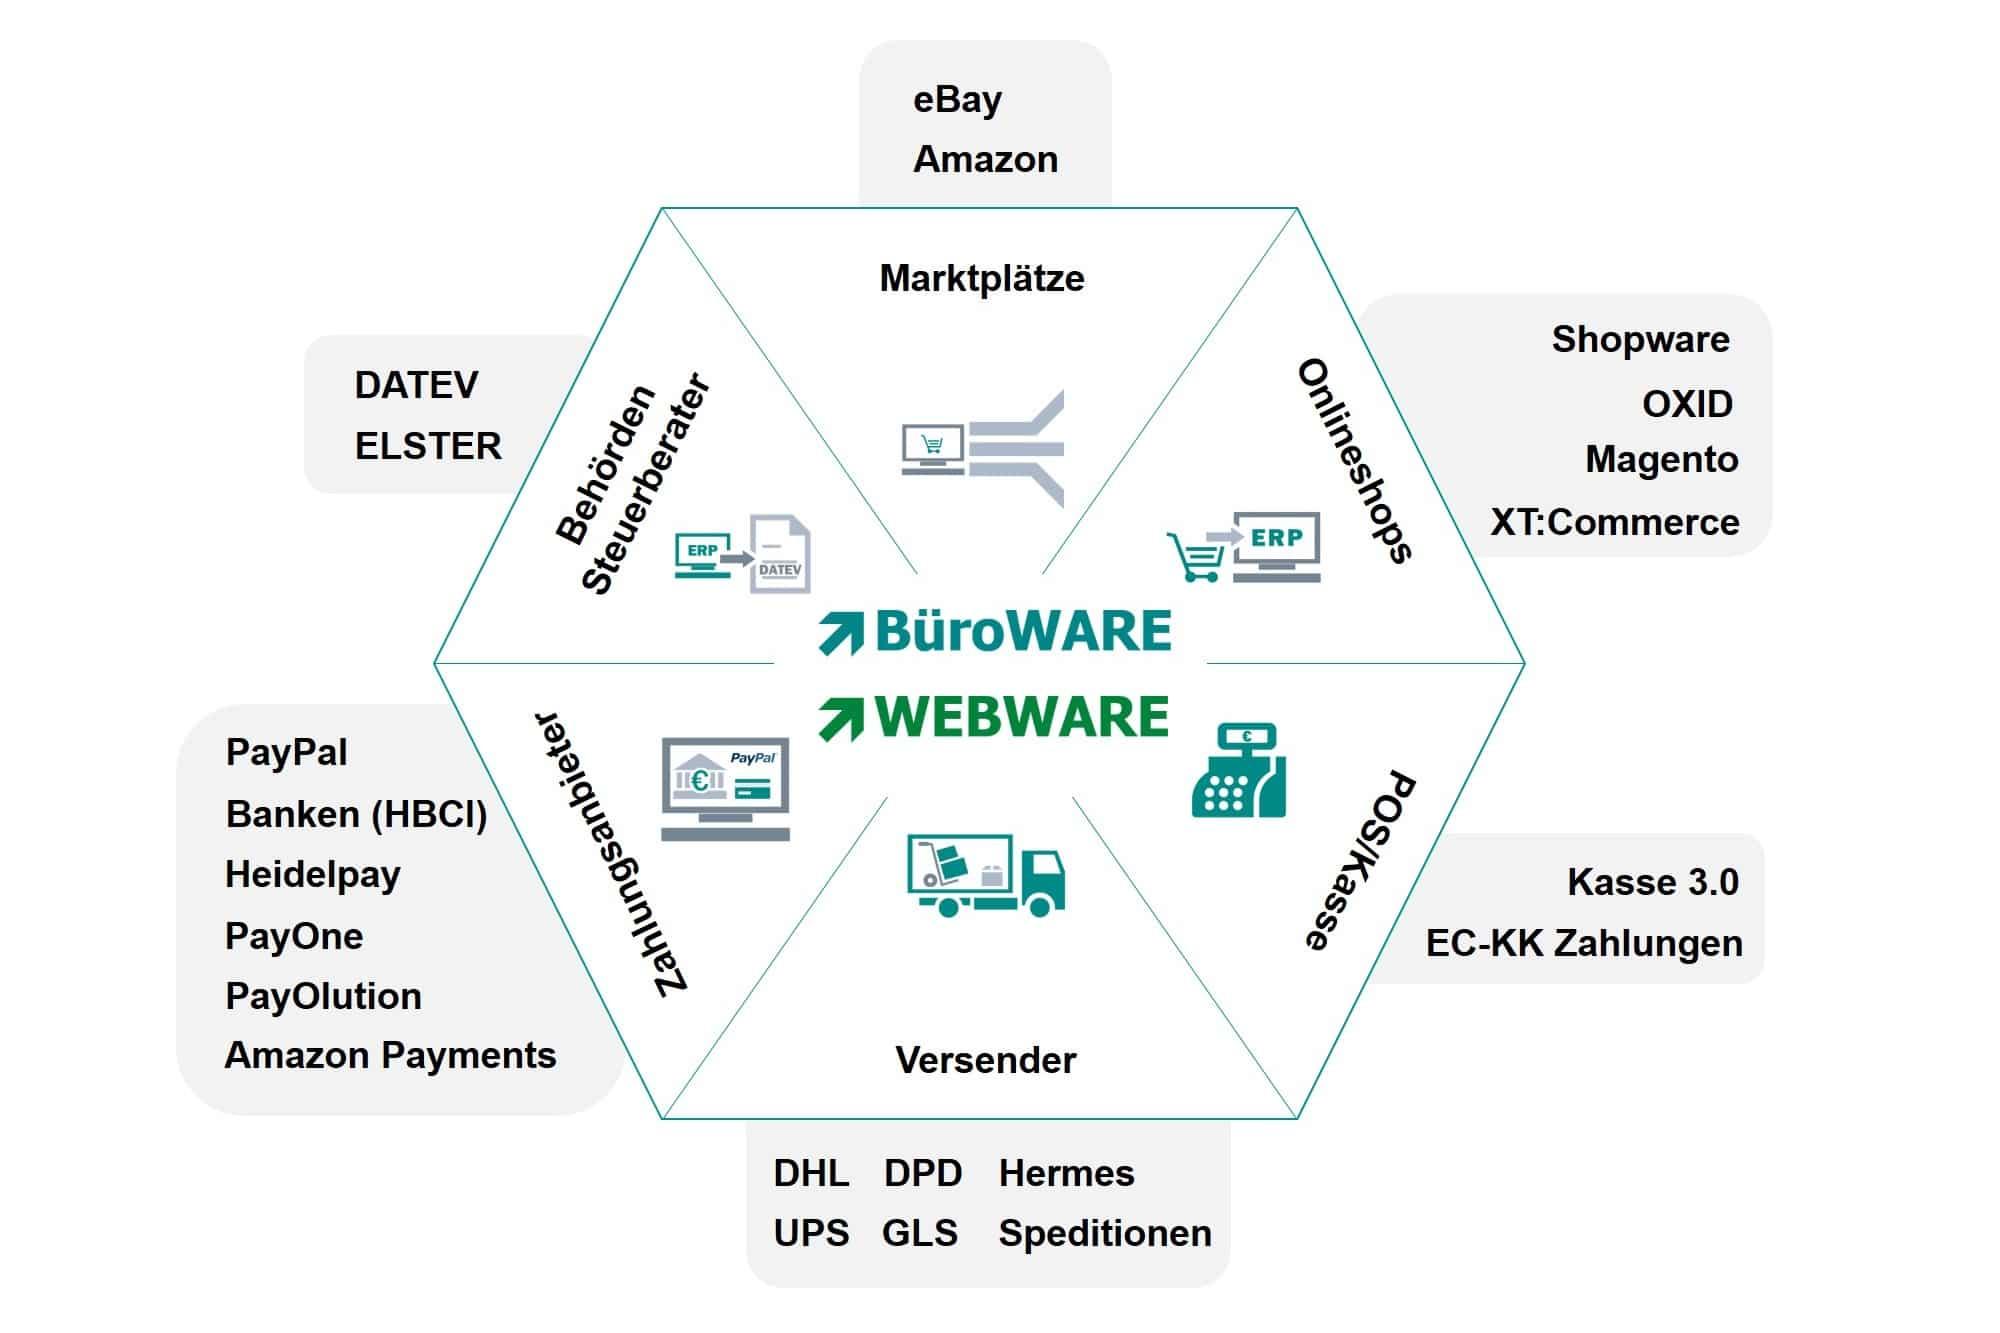 Informationsgrafik zur BüroWARE WEBWARE und deren Anbindung zu Marktplätzen, Onlineshops, POS / Kasse, Versender, Zahlungsanbieter und Behörden